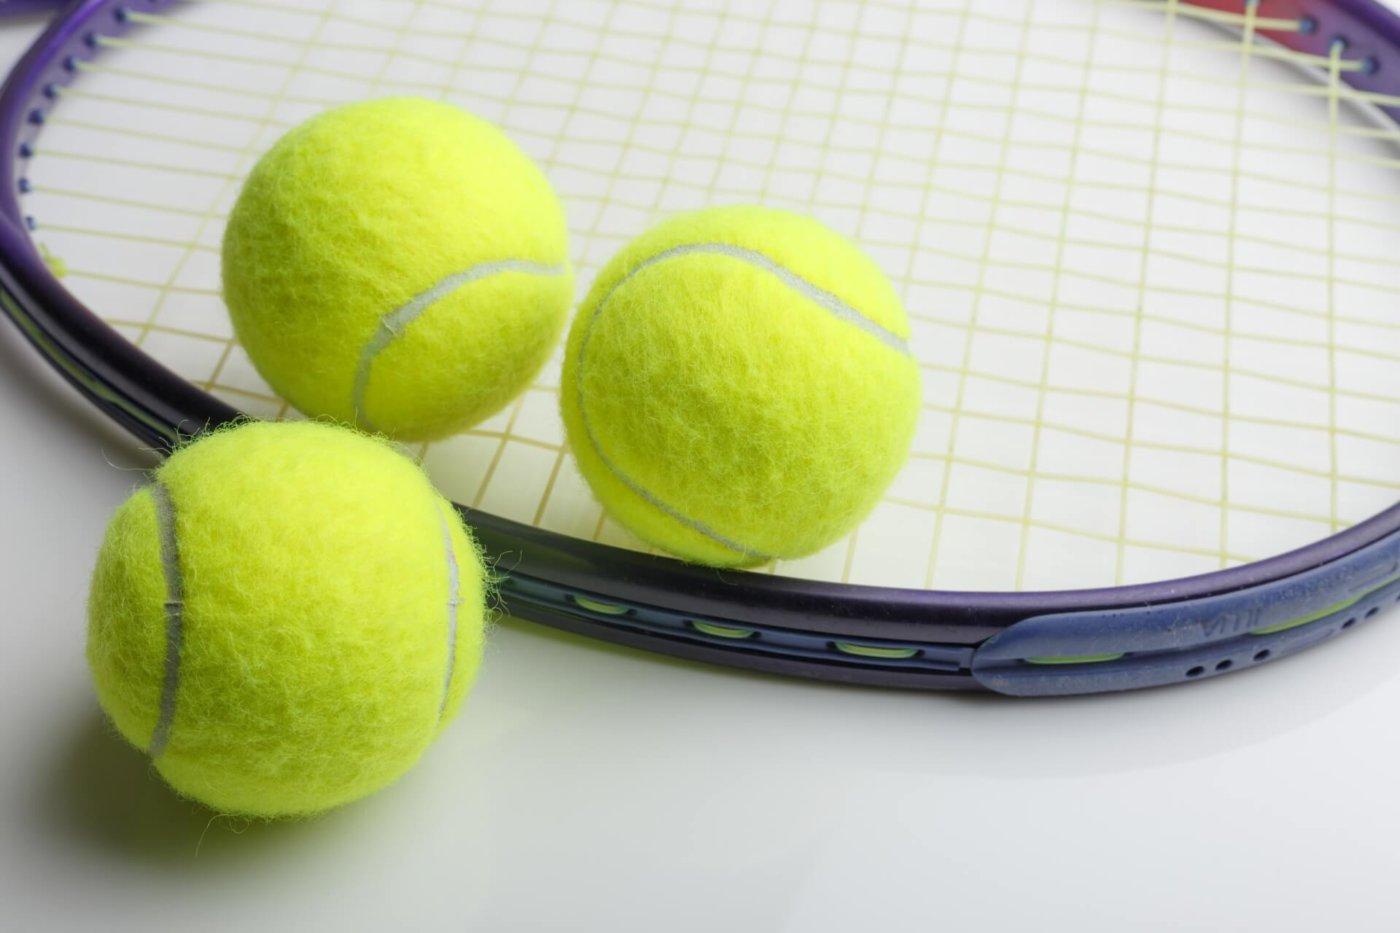 テニス上達に欠かせない筋トレメニュー